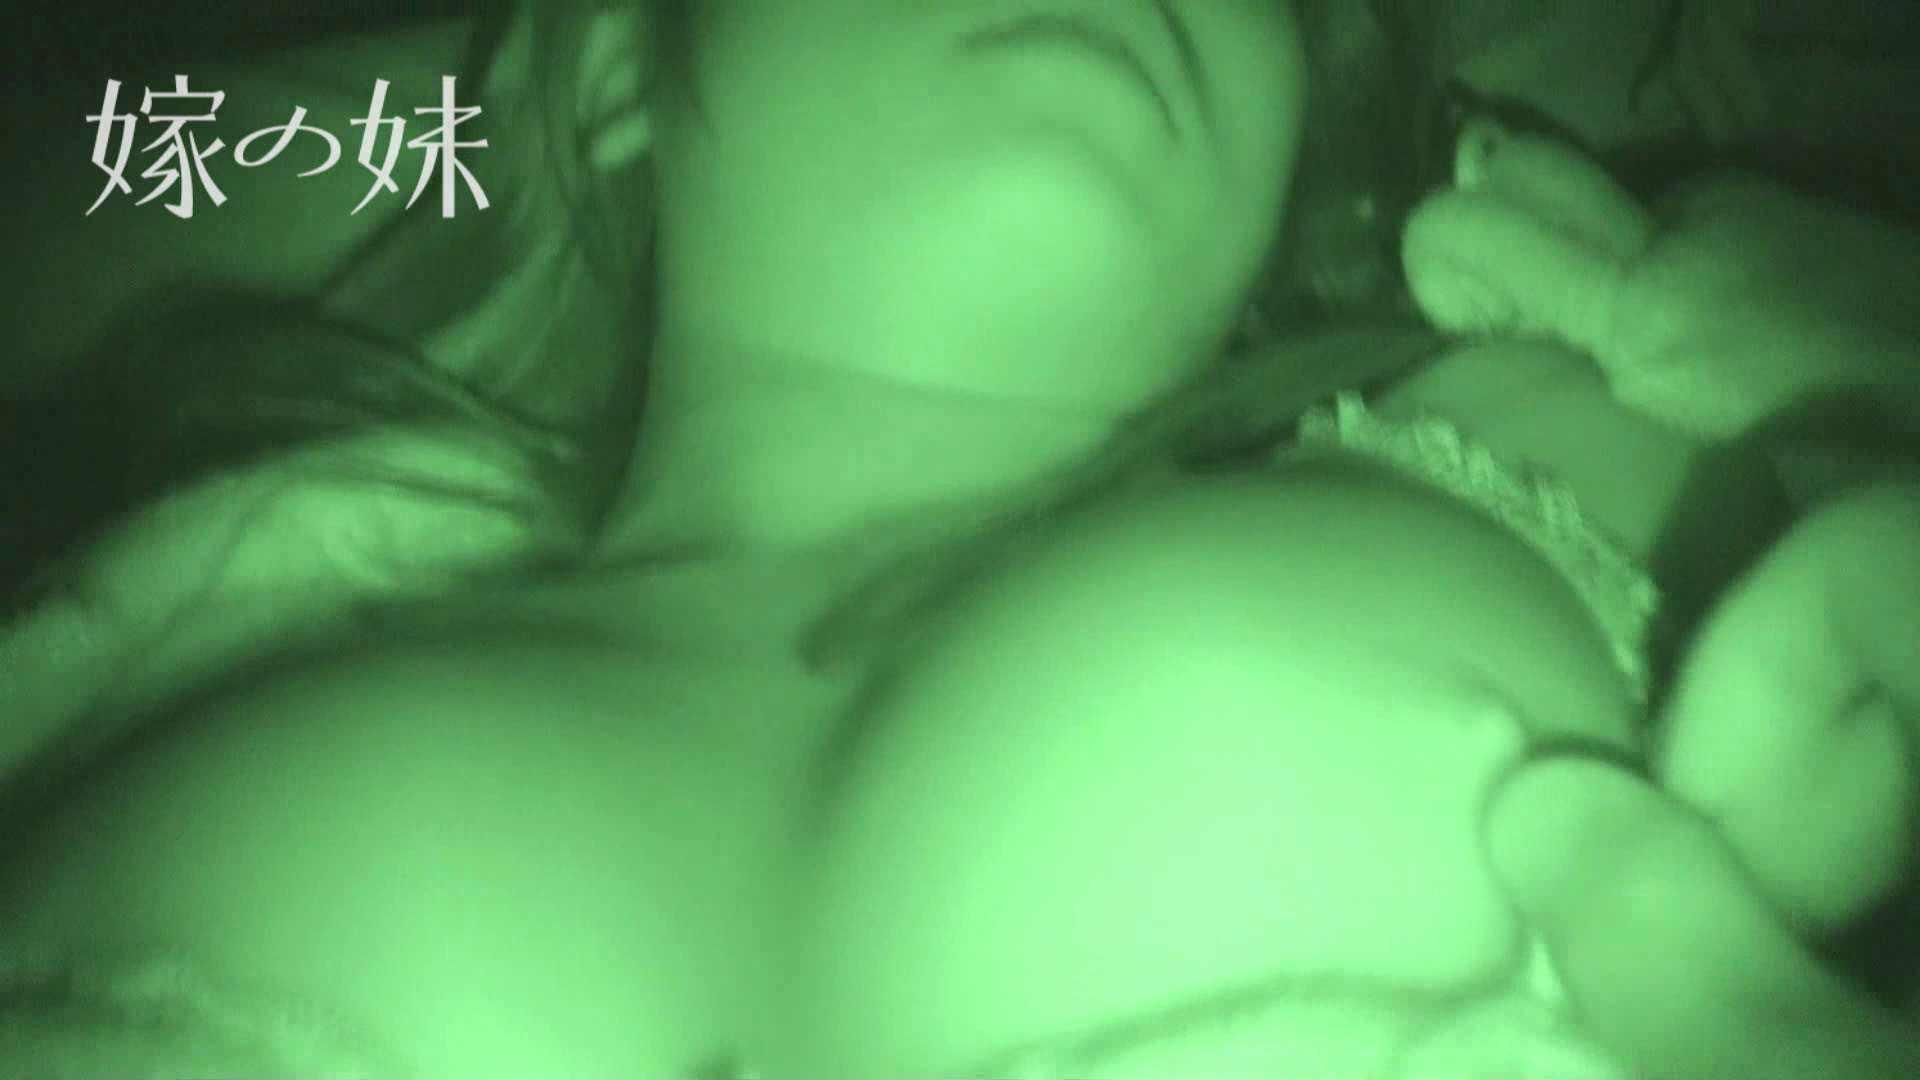 居候中の嫁の妹 vol.3 性欲  42連発 6